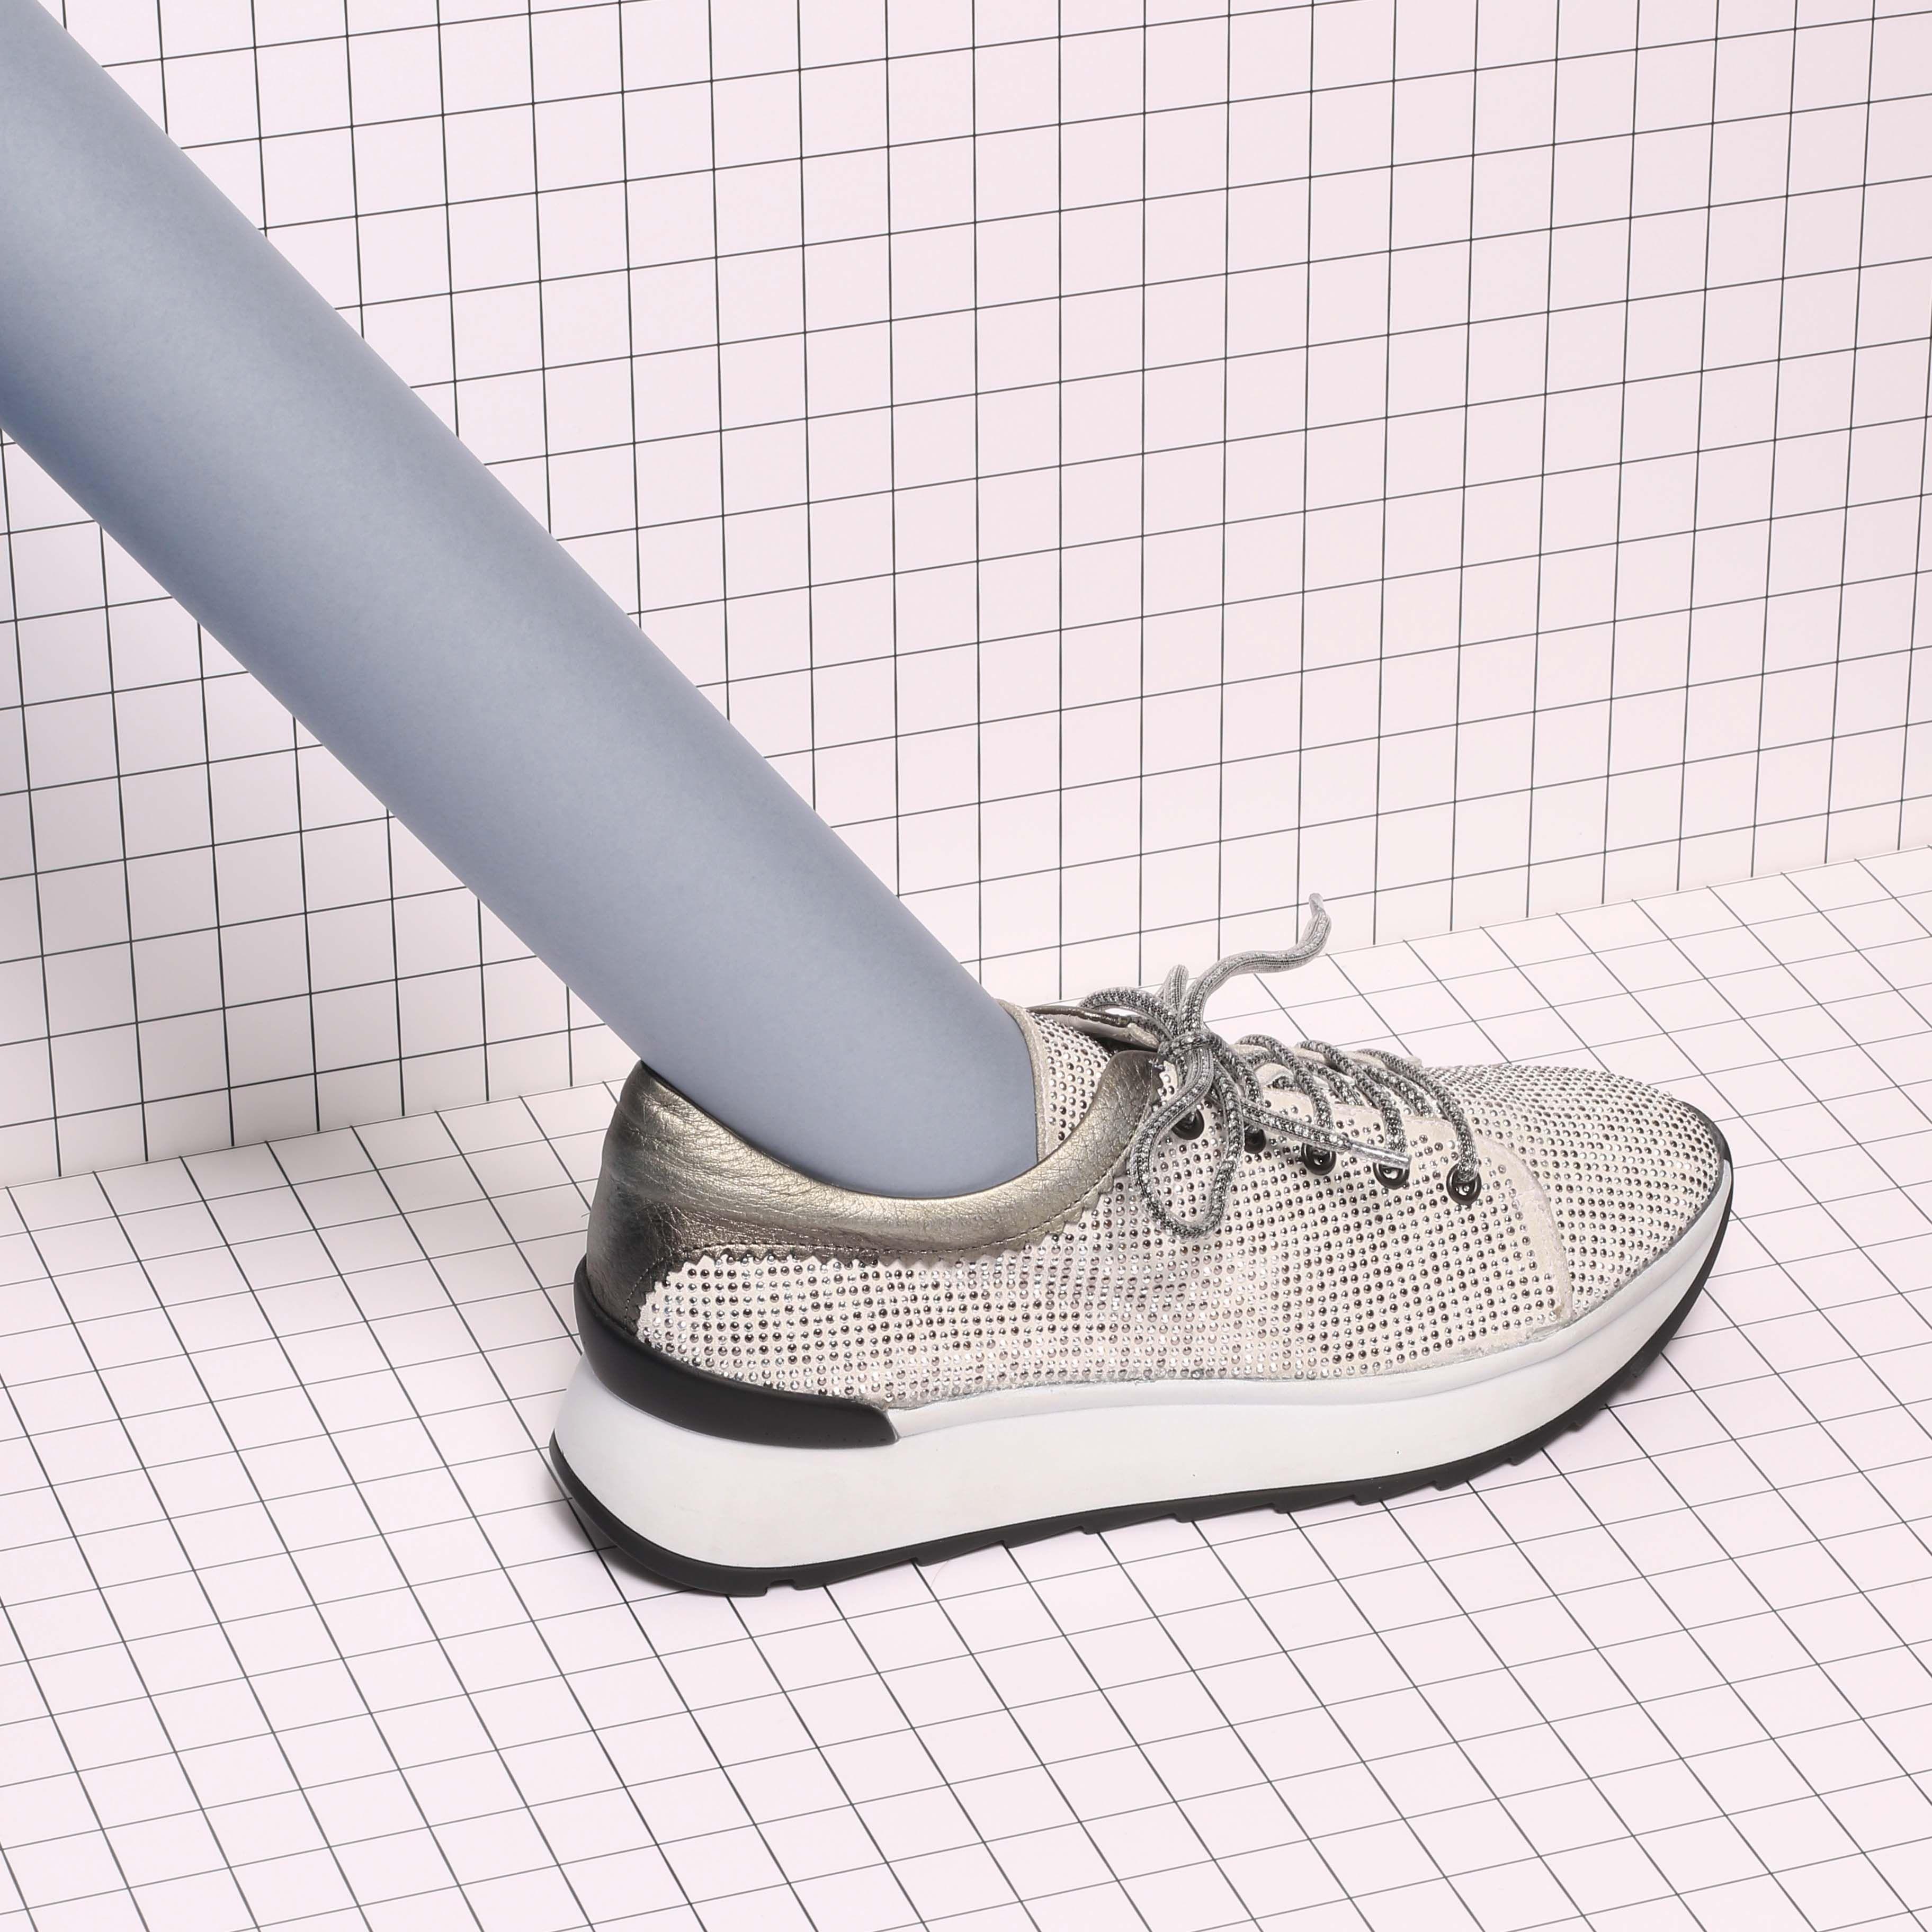 kingko/® Chaussures Fille Toile B/éb/és gar/çons Chaussures Sneaker anti-d/érapant souple Sole Toddler adapt/é pour 0-18 mois b/éb/é